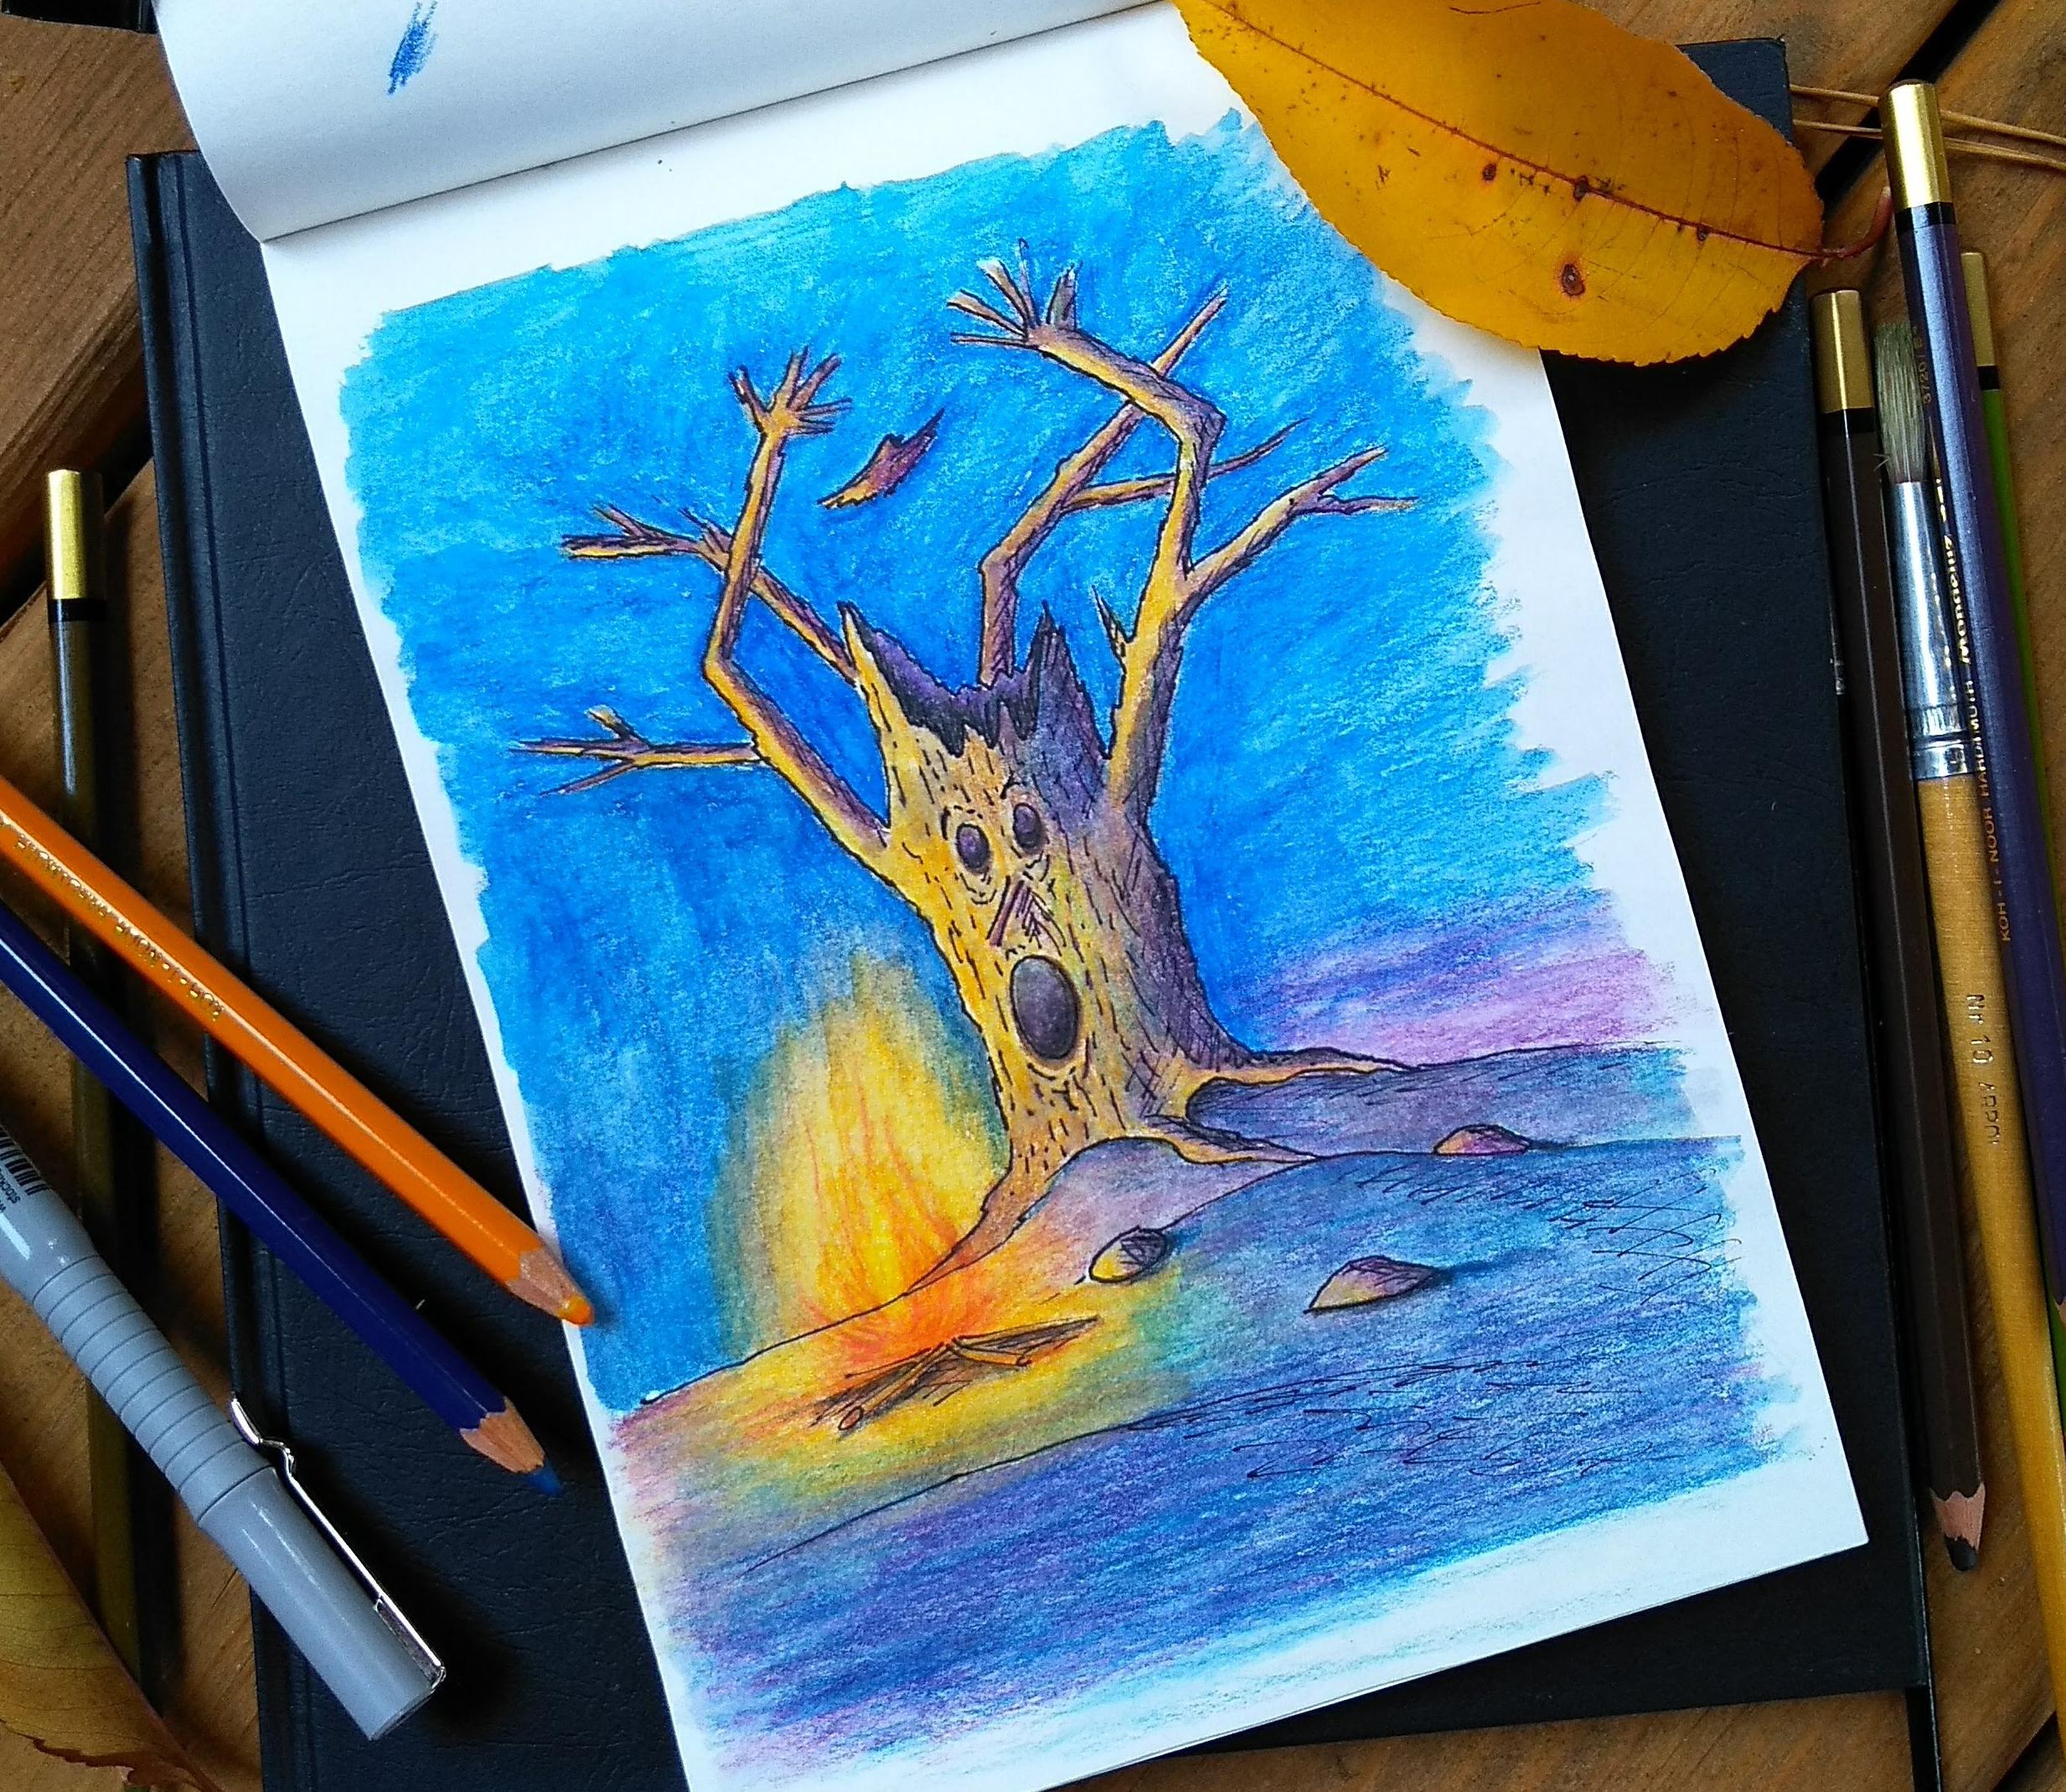 malarstwo akrylowe olejne obrazy galeria ilustracje dla dzieci ilustrator akwarela